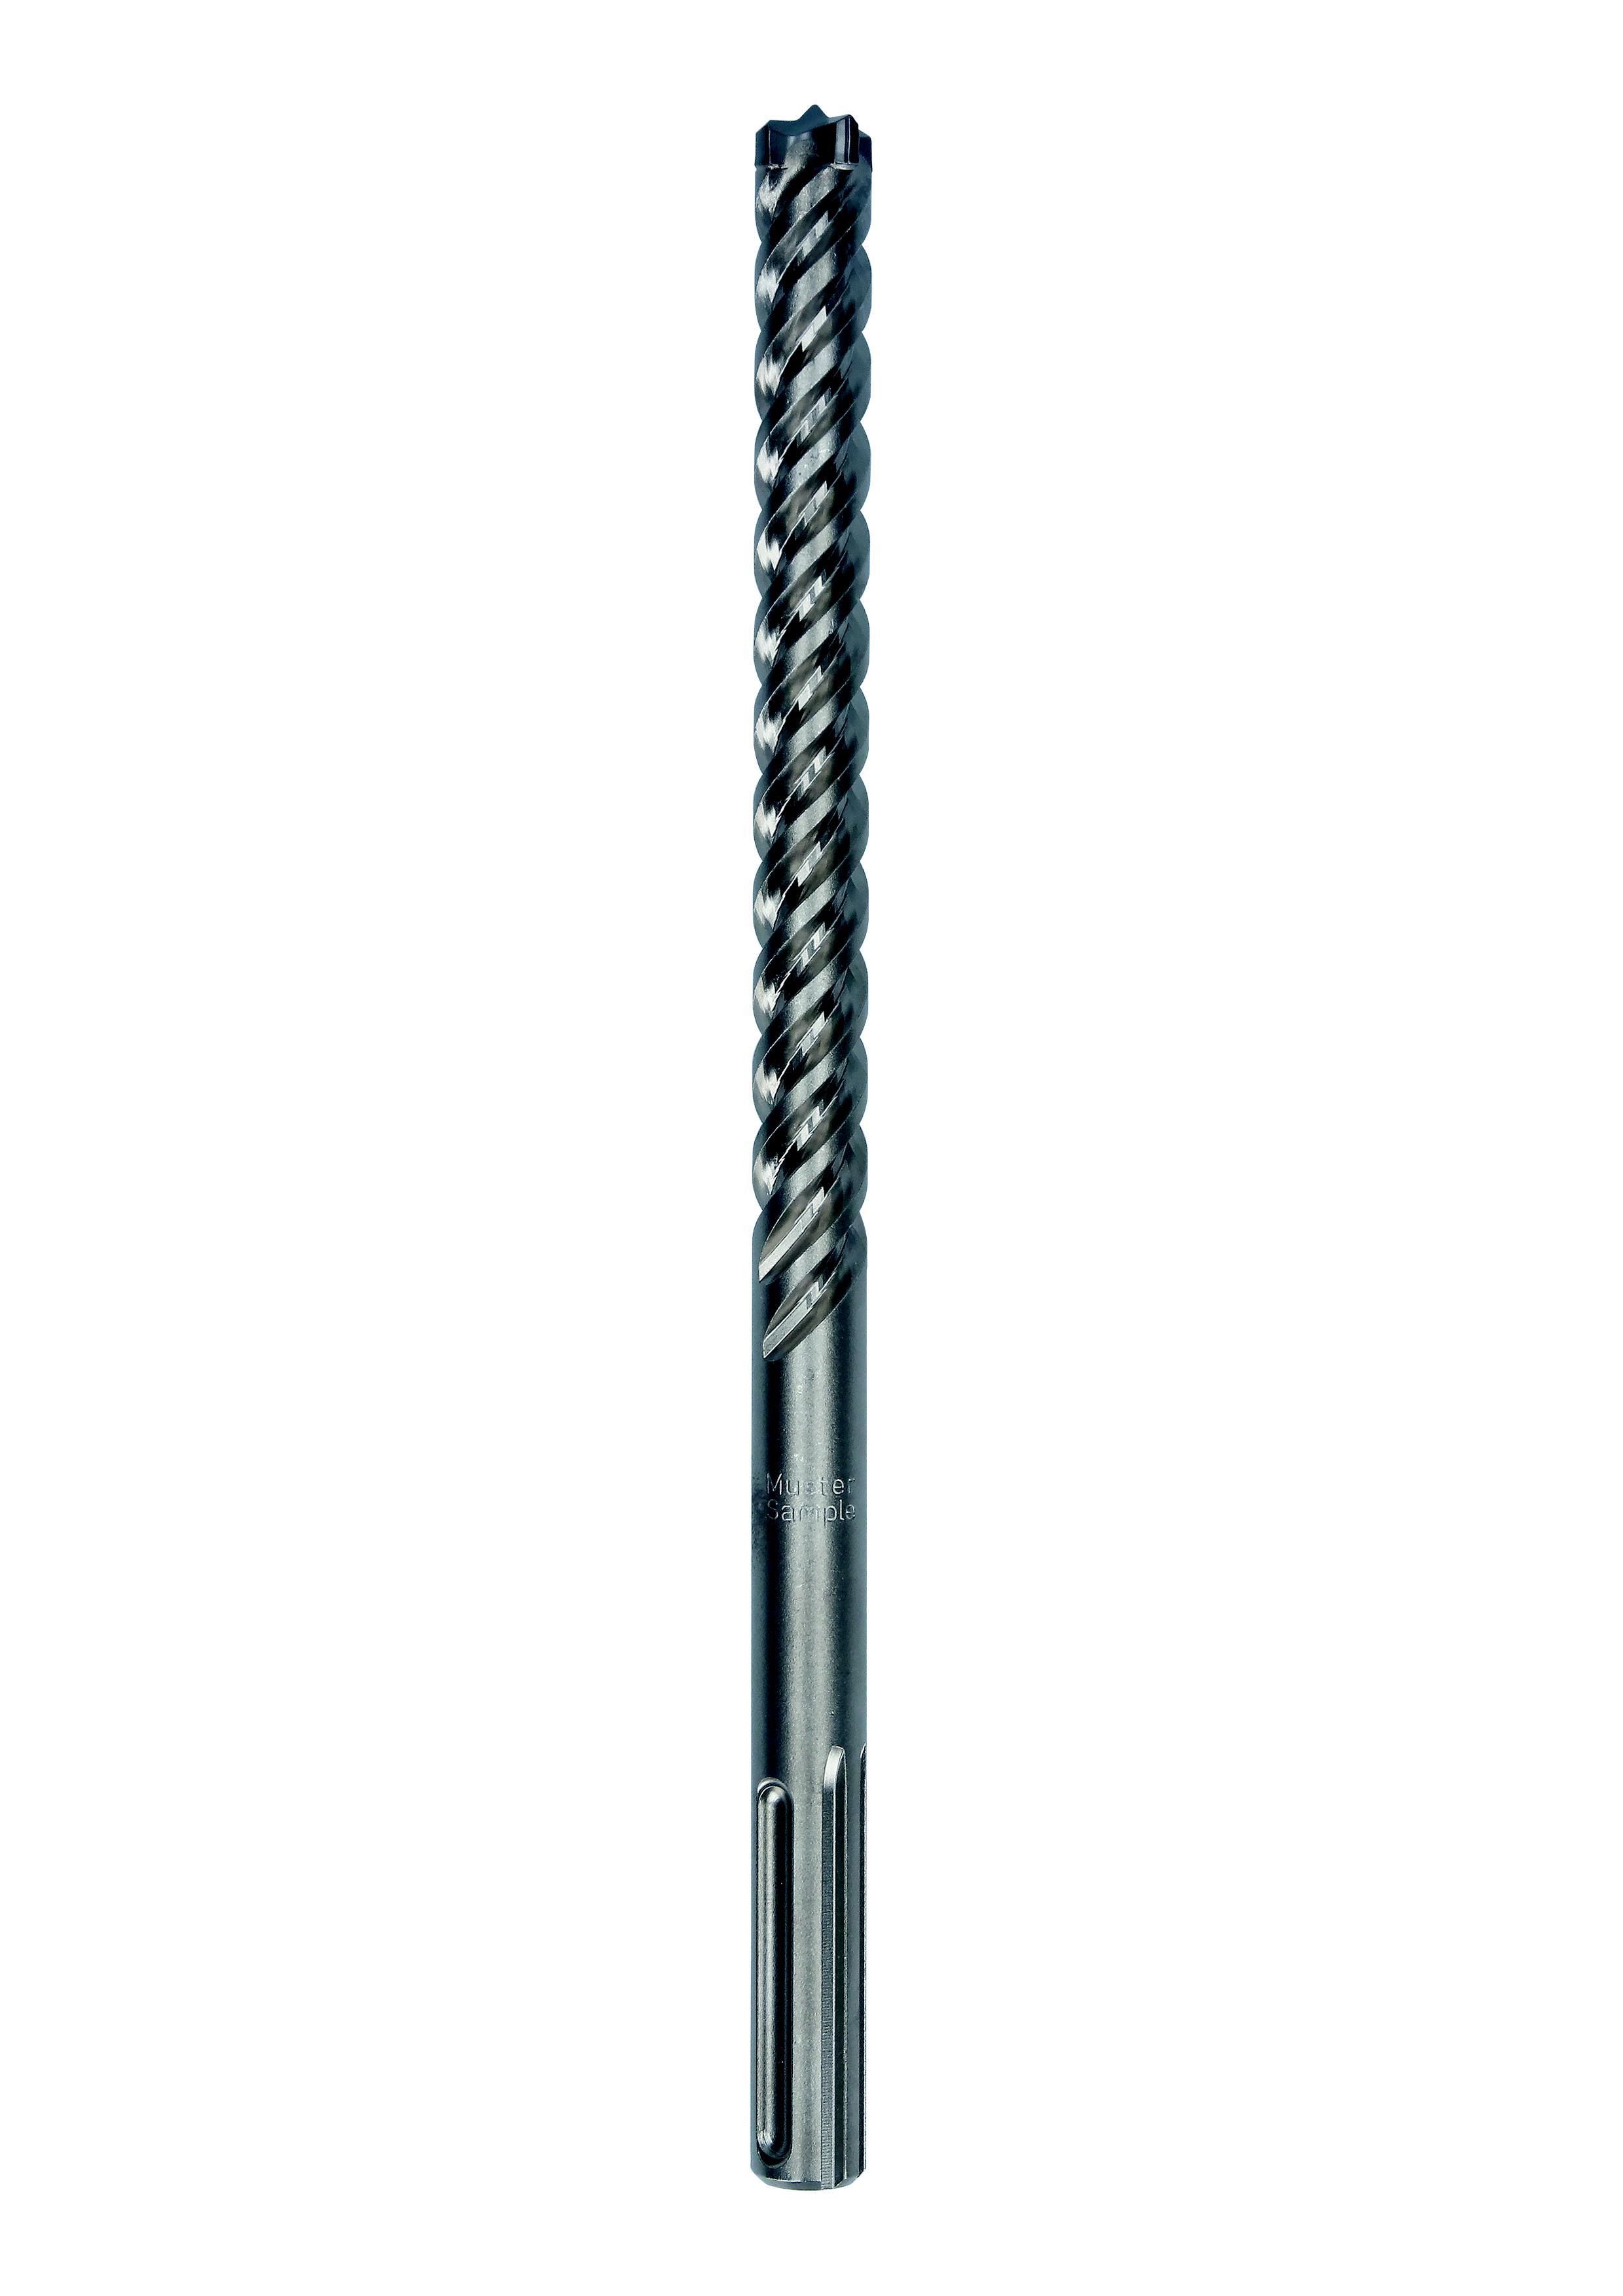 Бур Bosch Sds-max-8x 18 x 200 x 340 мм бур bosch sds max 2608586777